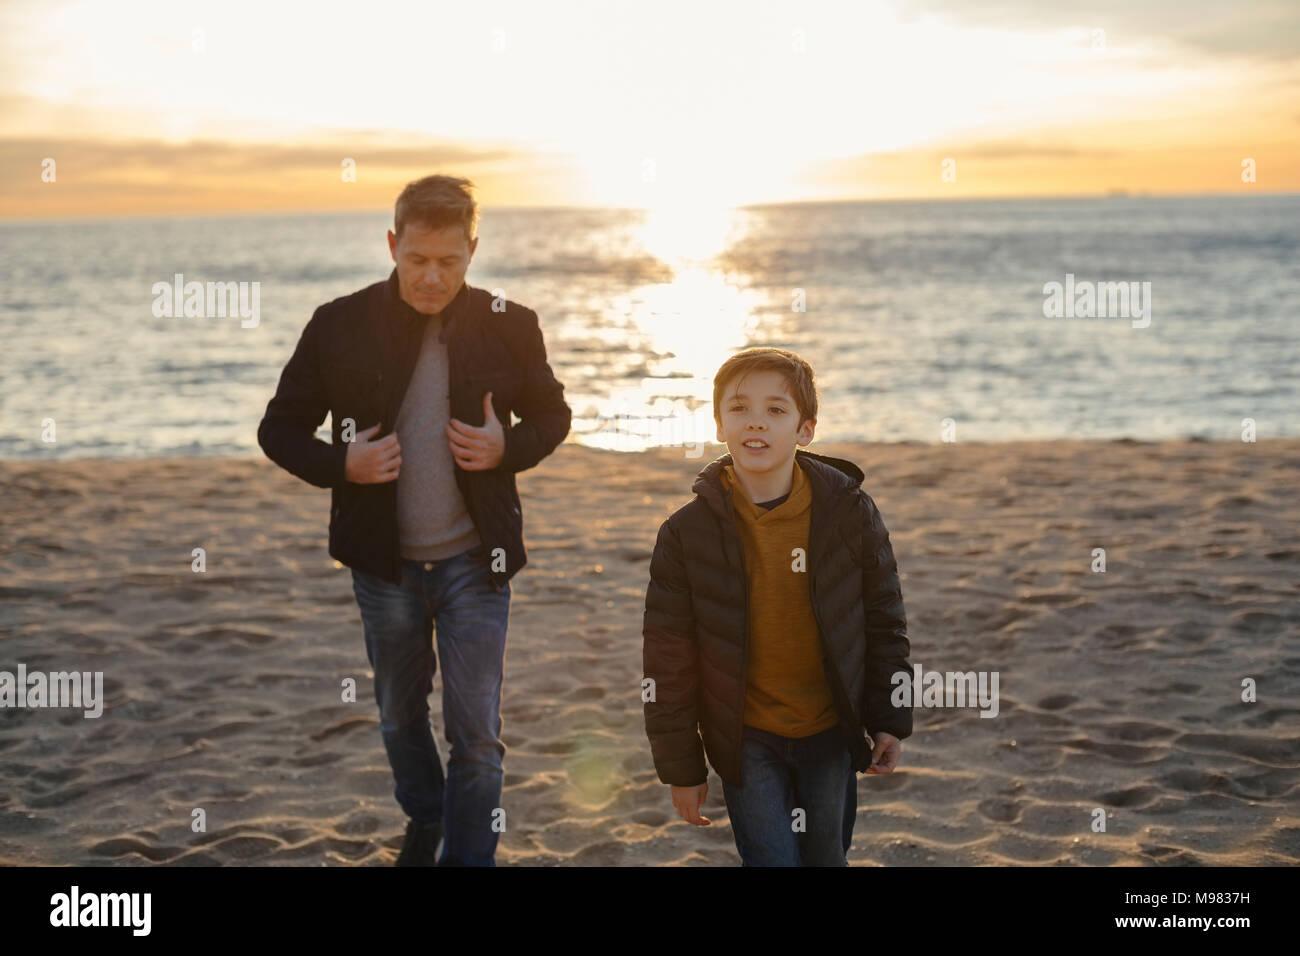 Vater und Sohn zu Fuß am Strand bei Sonnenuntergang Stockbild